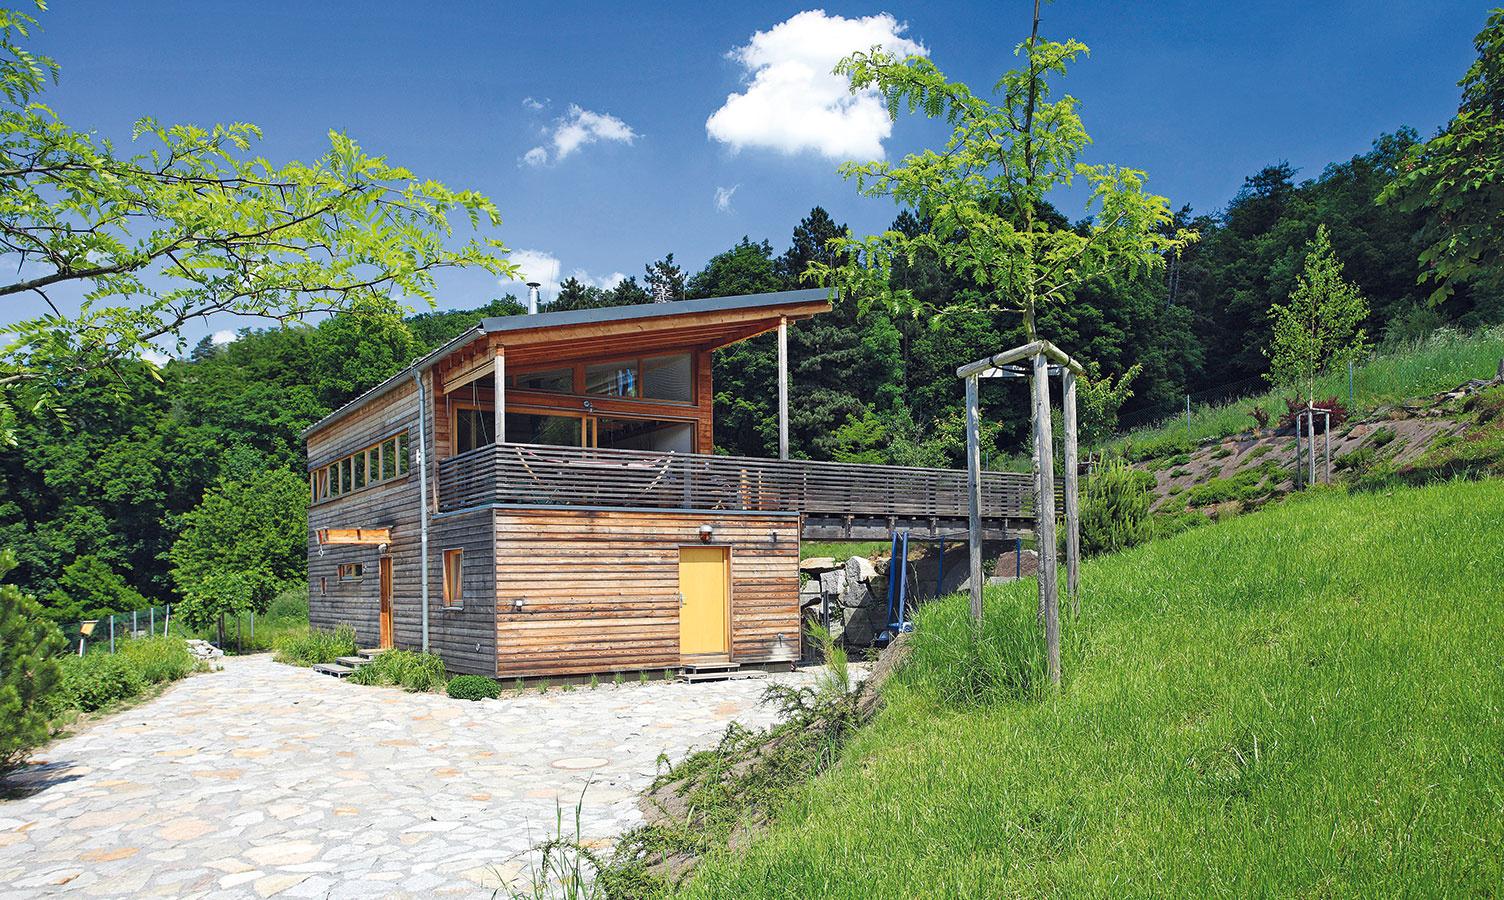 """Drevená fasáda je pravdivým obrazom prírodnej podstaty tohto striedmeho domu – jeho steny tvorí drevená stĺpiková konštrukcia sdifúzne otvorenou skladbou, izolovaná minerálnou vlnou. """"Investori sa od začiatku tešili na maximálne prírodný dom, ktorý čo najskôr získa sivočiernu patinu,"""" hovorí jeho autor, architekt Pavel Horák."""